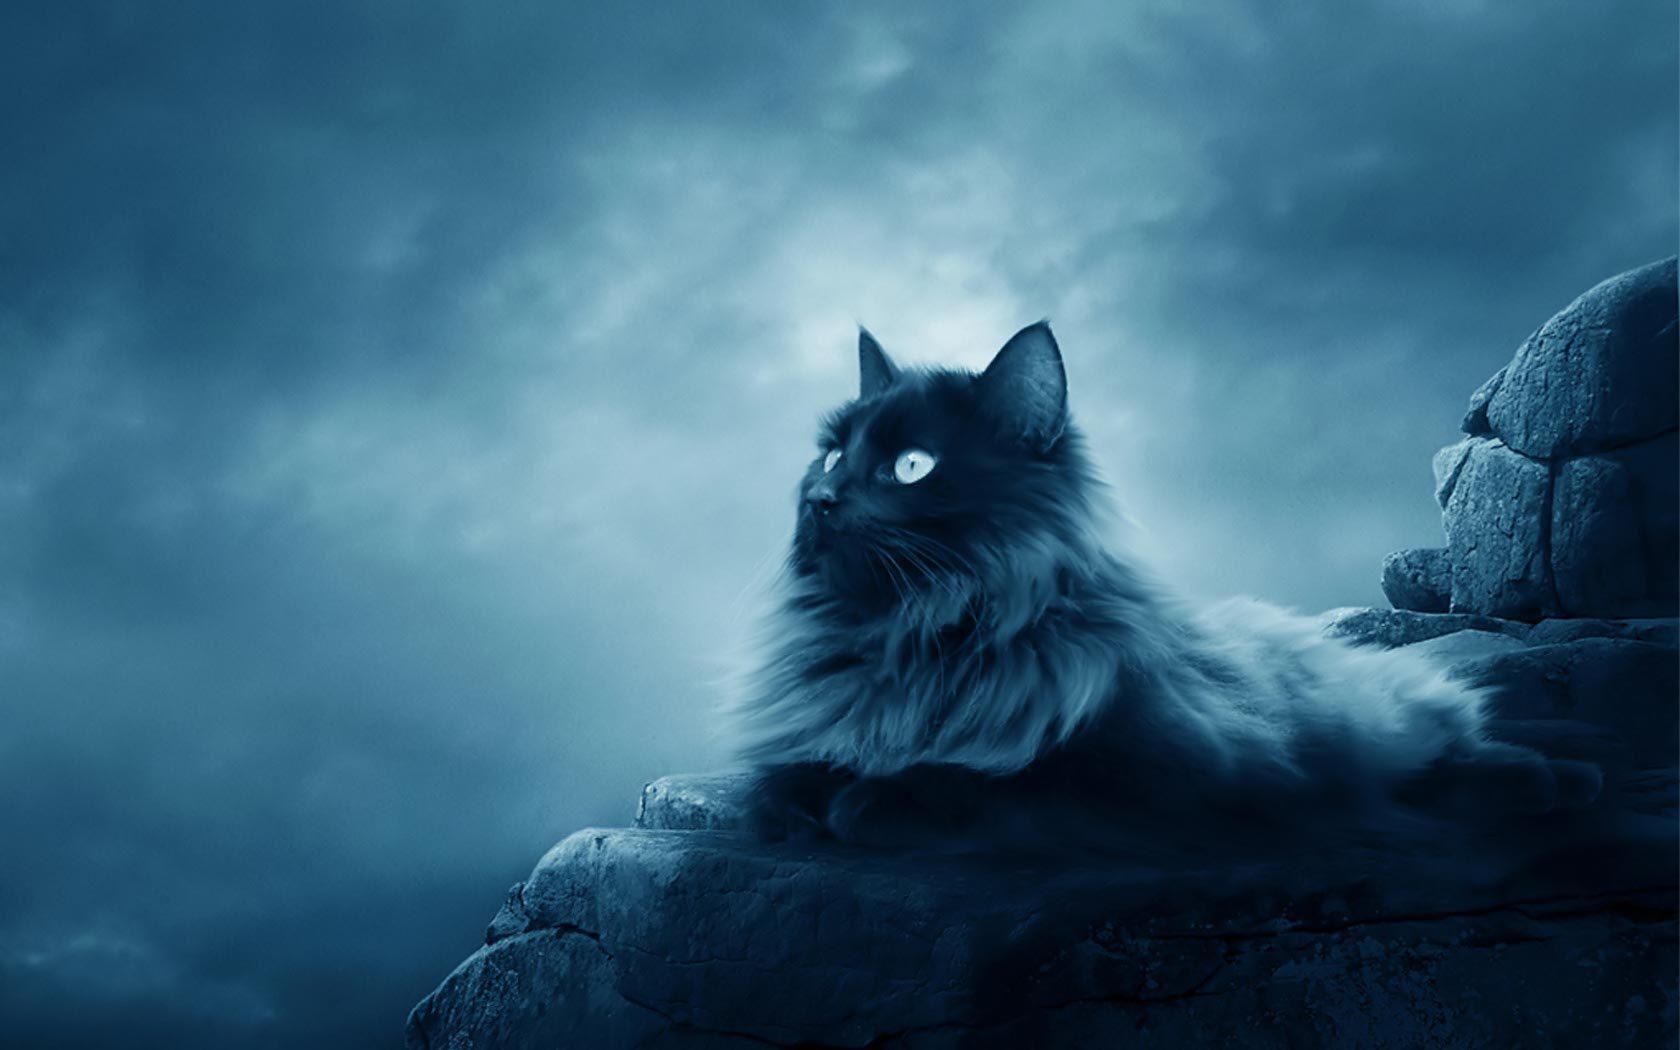 39604 Заставки и Обои Кошки (Коты, Котики) на телефон. Скачать Кошки (Коты, Котики), Животные картинки бесплатно